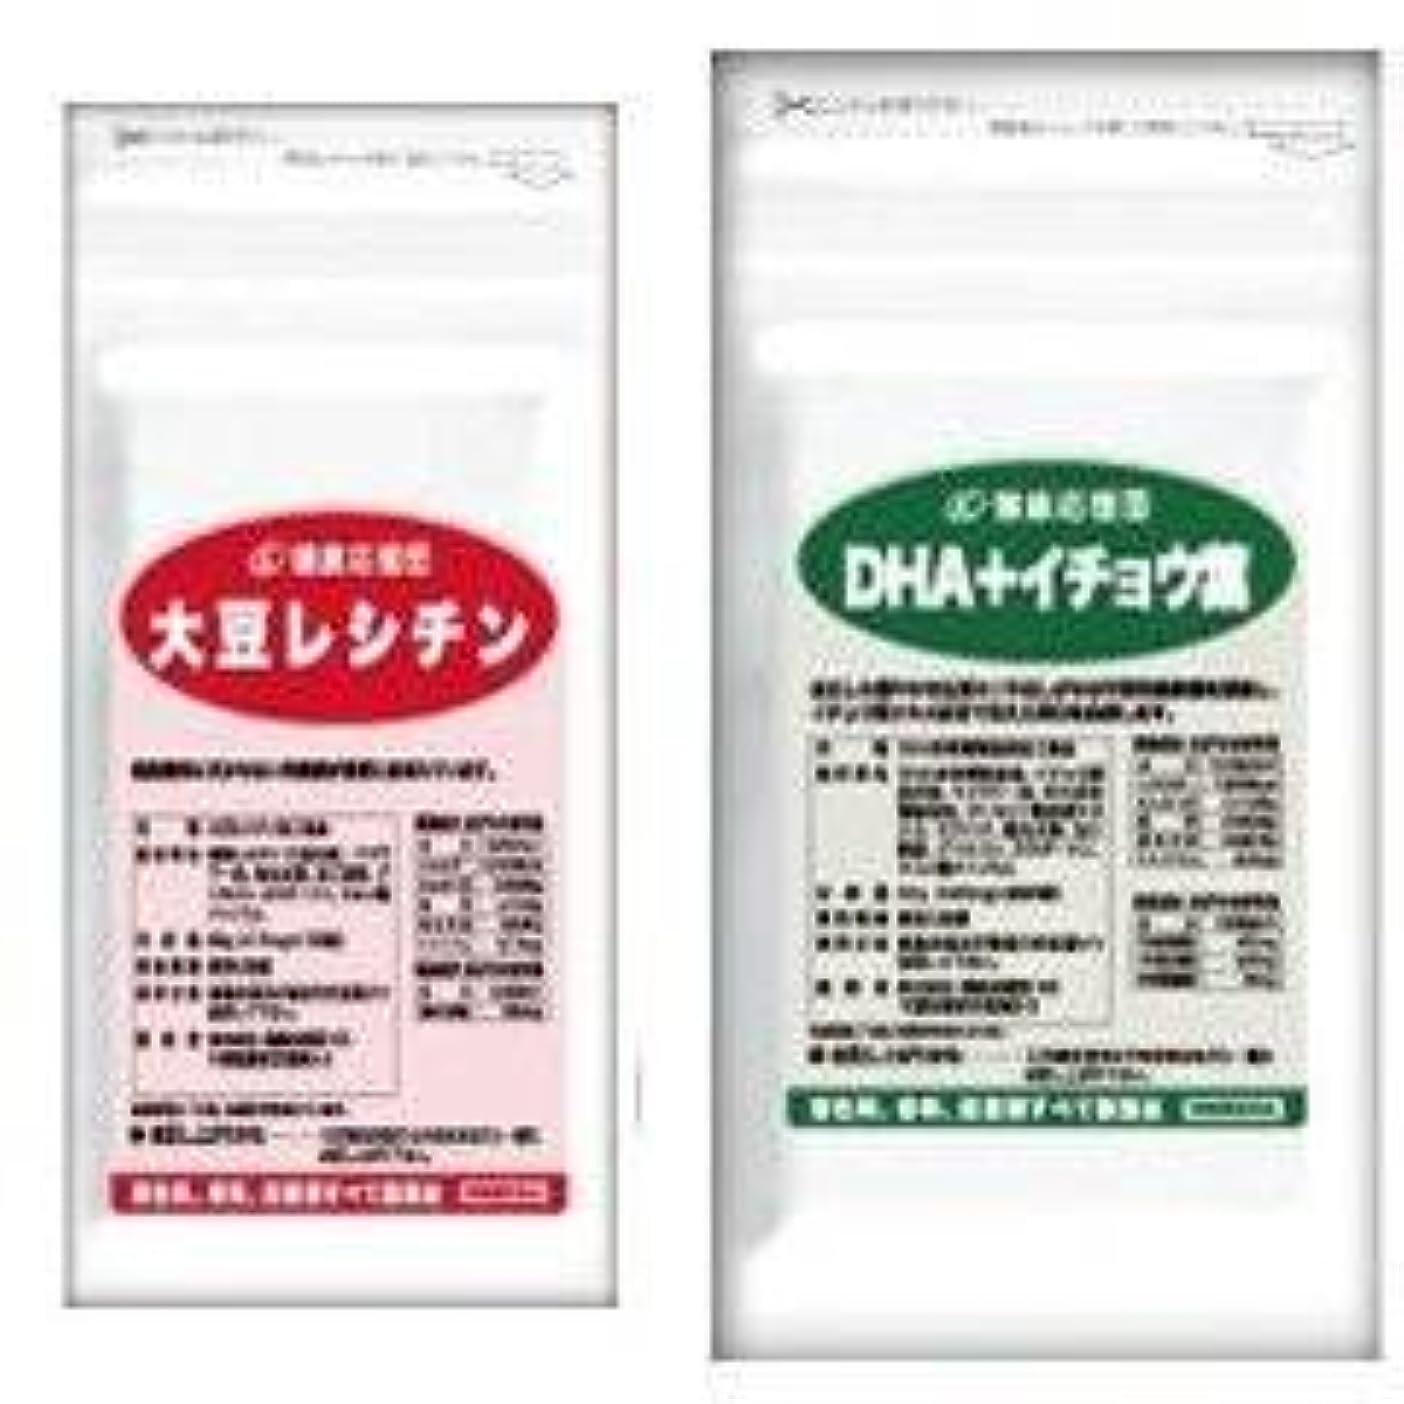 ボール管理者残忍な(お徳用6か月分)流れサラサラセット 大豆レシチン+(DHA?EPA+イチョウ葉)6袋&6袋セット